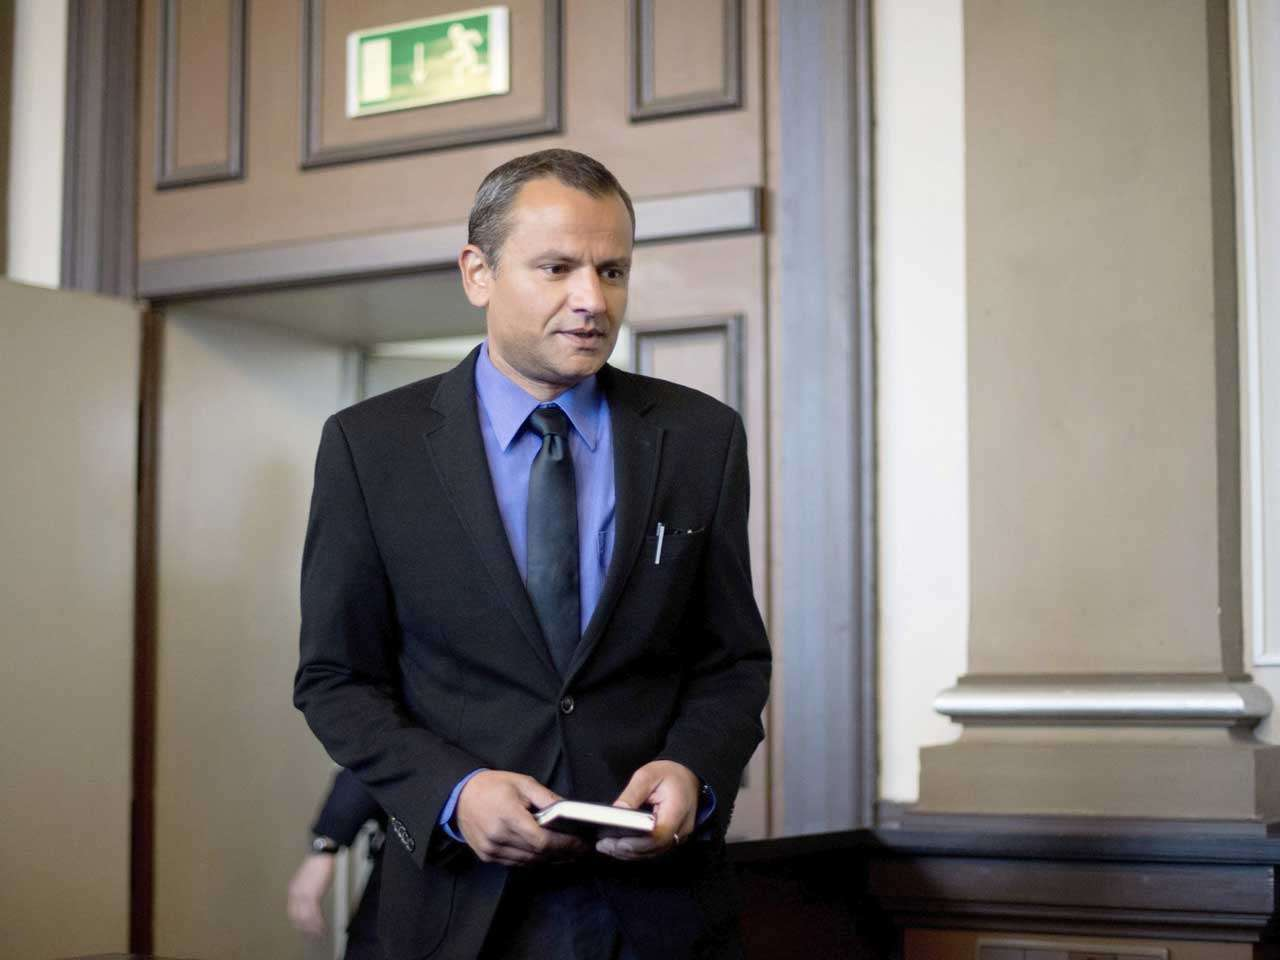 Sebastian Edathy, ex diputado alemán, del Partido Socialdemócrata durante un juicio por haber comprado y poseer pornografía infantil, 2 de marzo de 2015. Foto: EFE en español